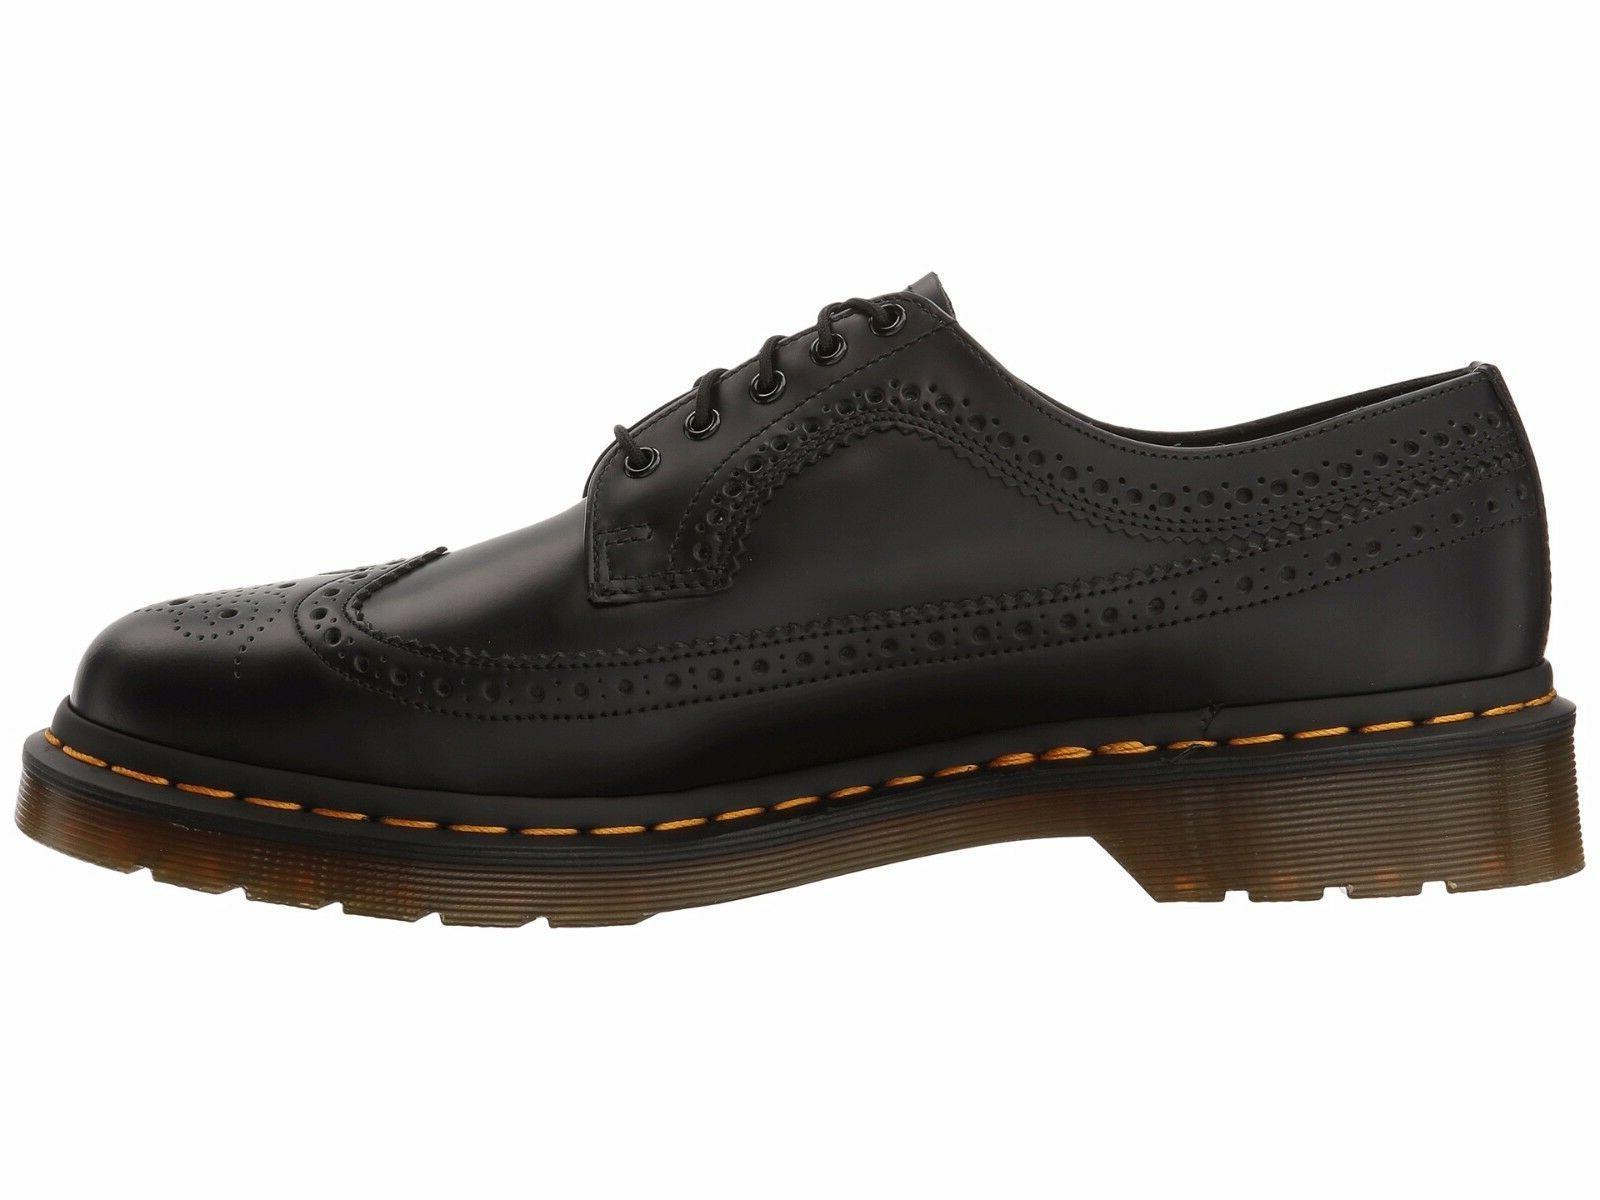 Men's Shoes Dr. 3989 Y/S Oxfords BLACK